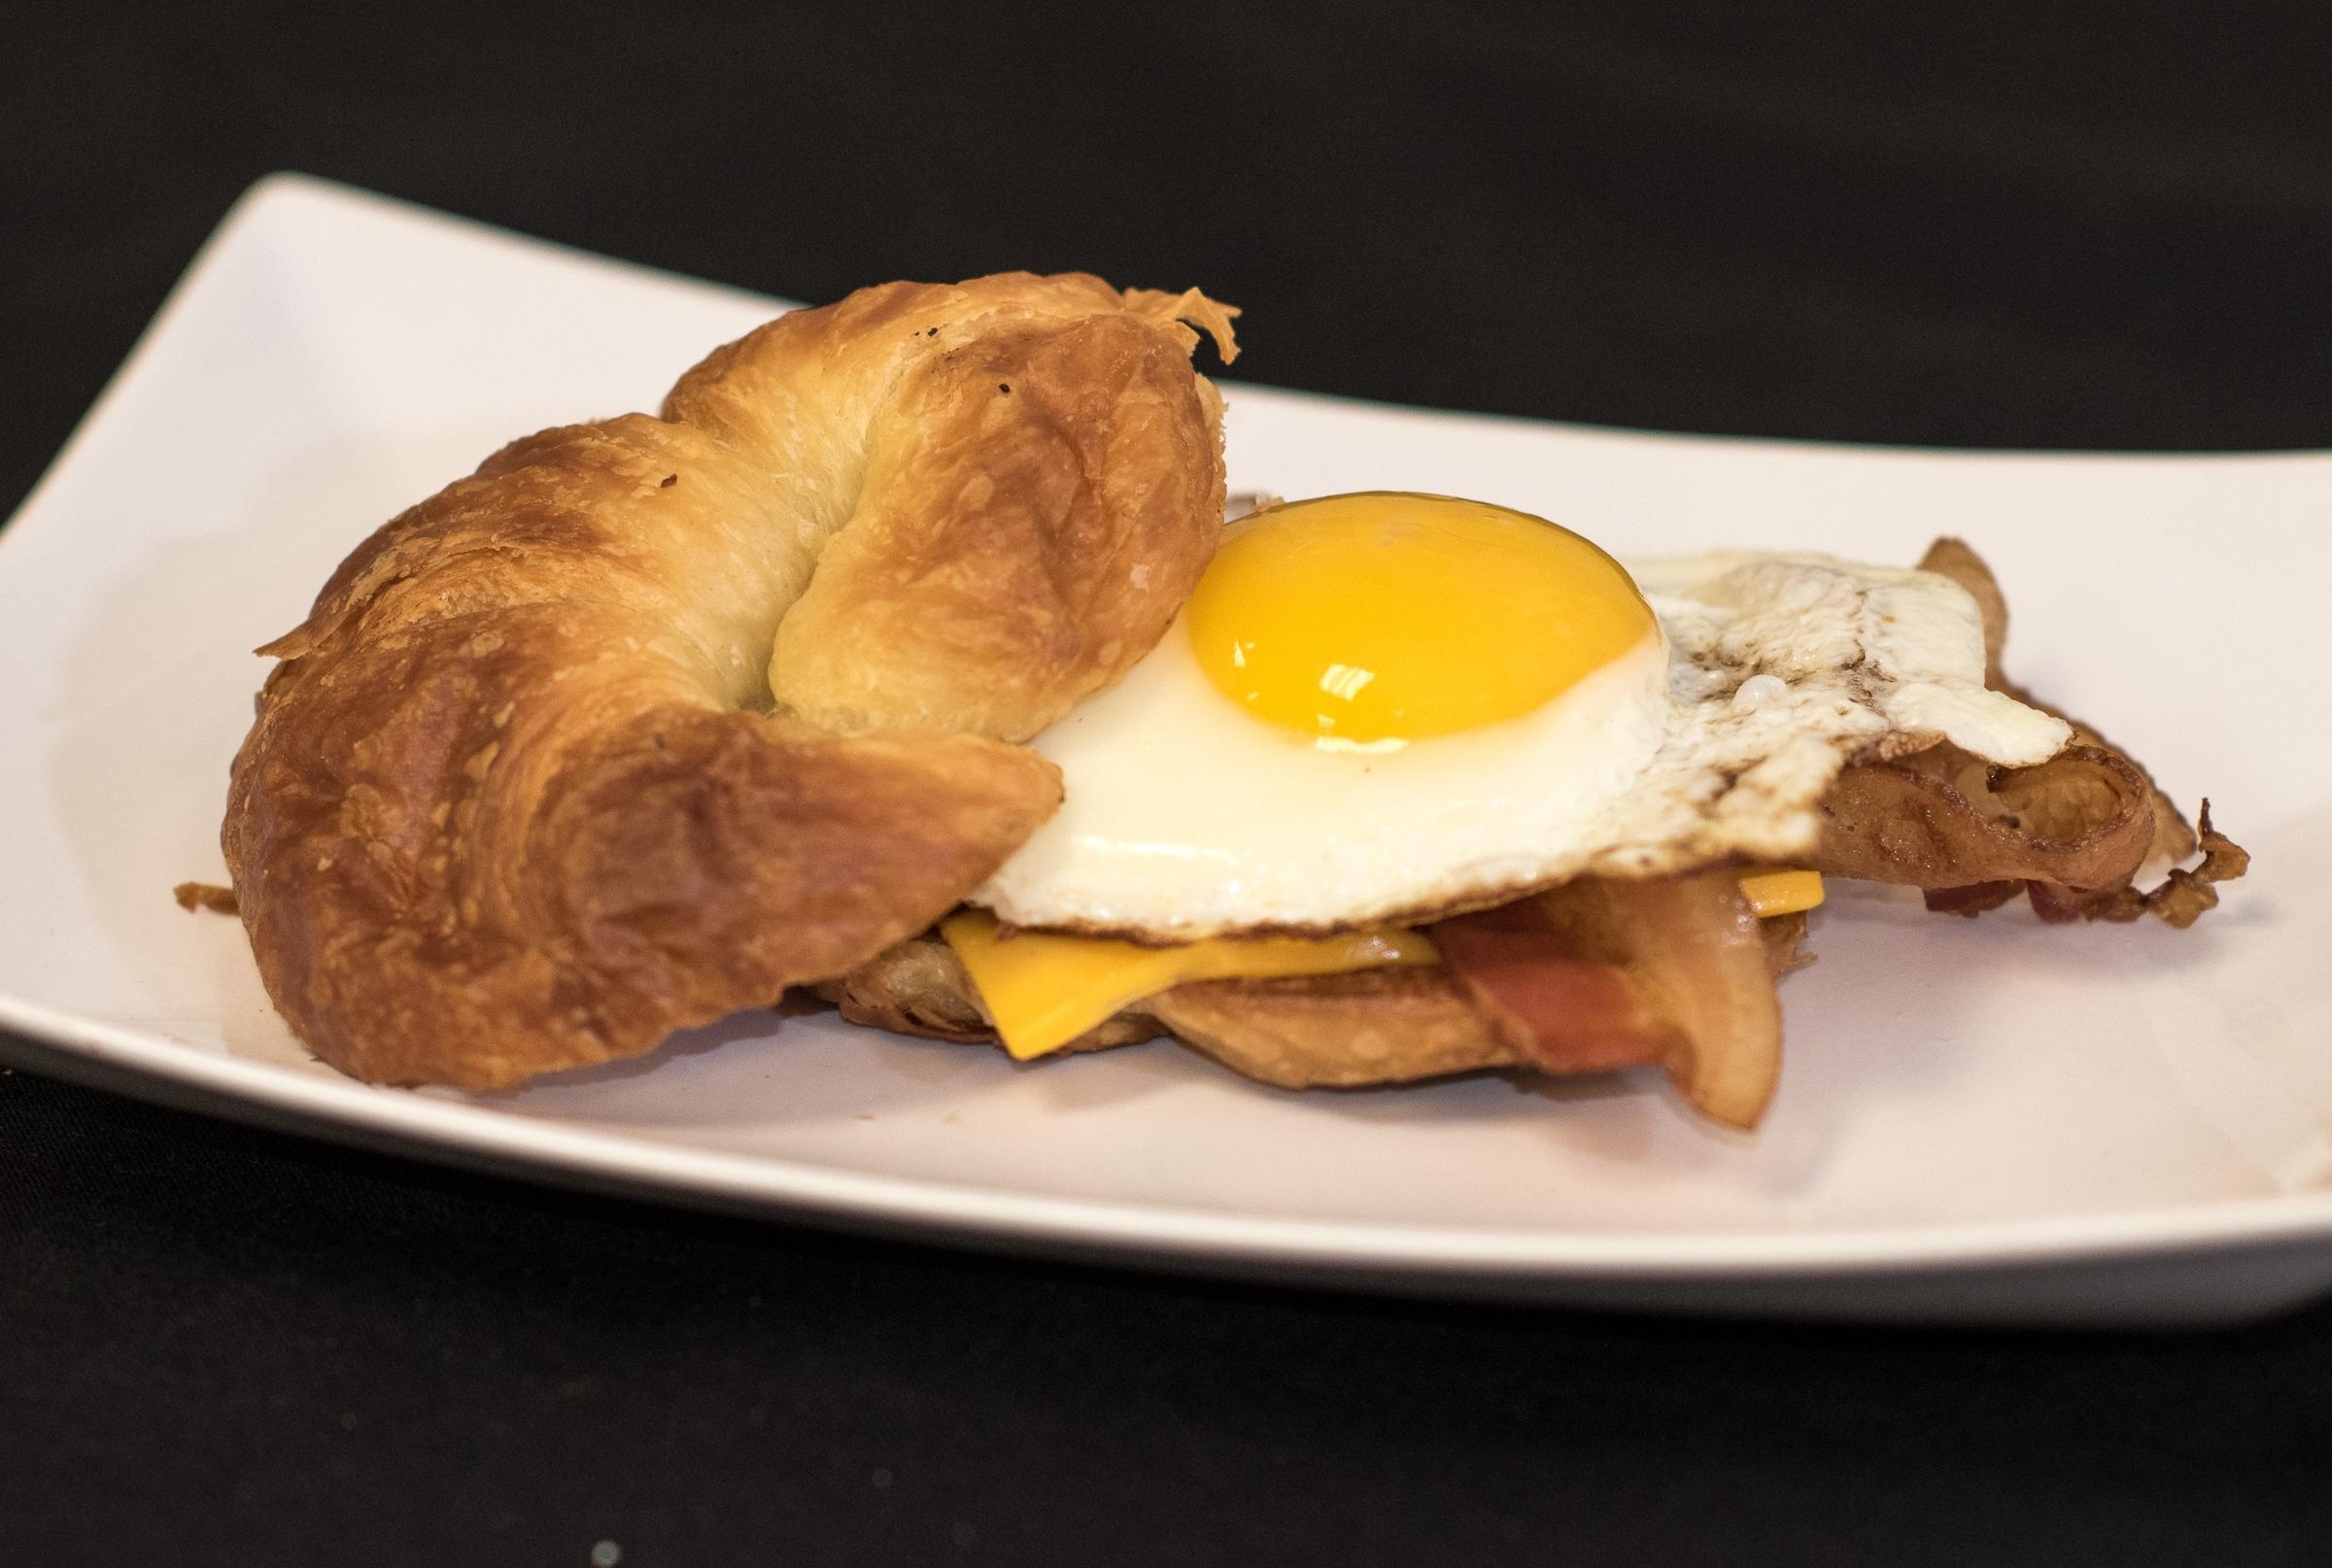 minneapolis-breakfast-locally-sourced-organic-eggs-bacon-breakfast-sandwich.jpg